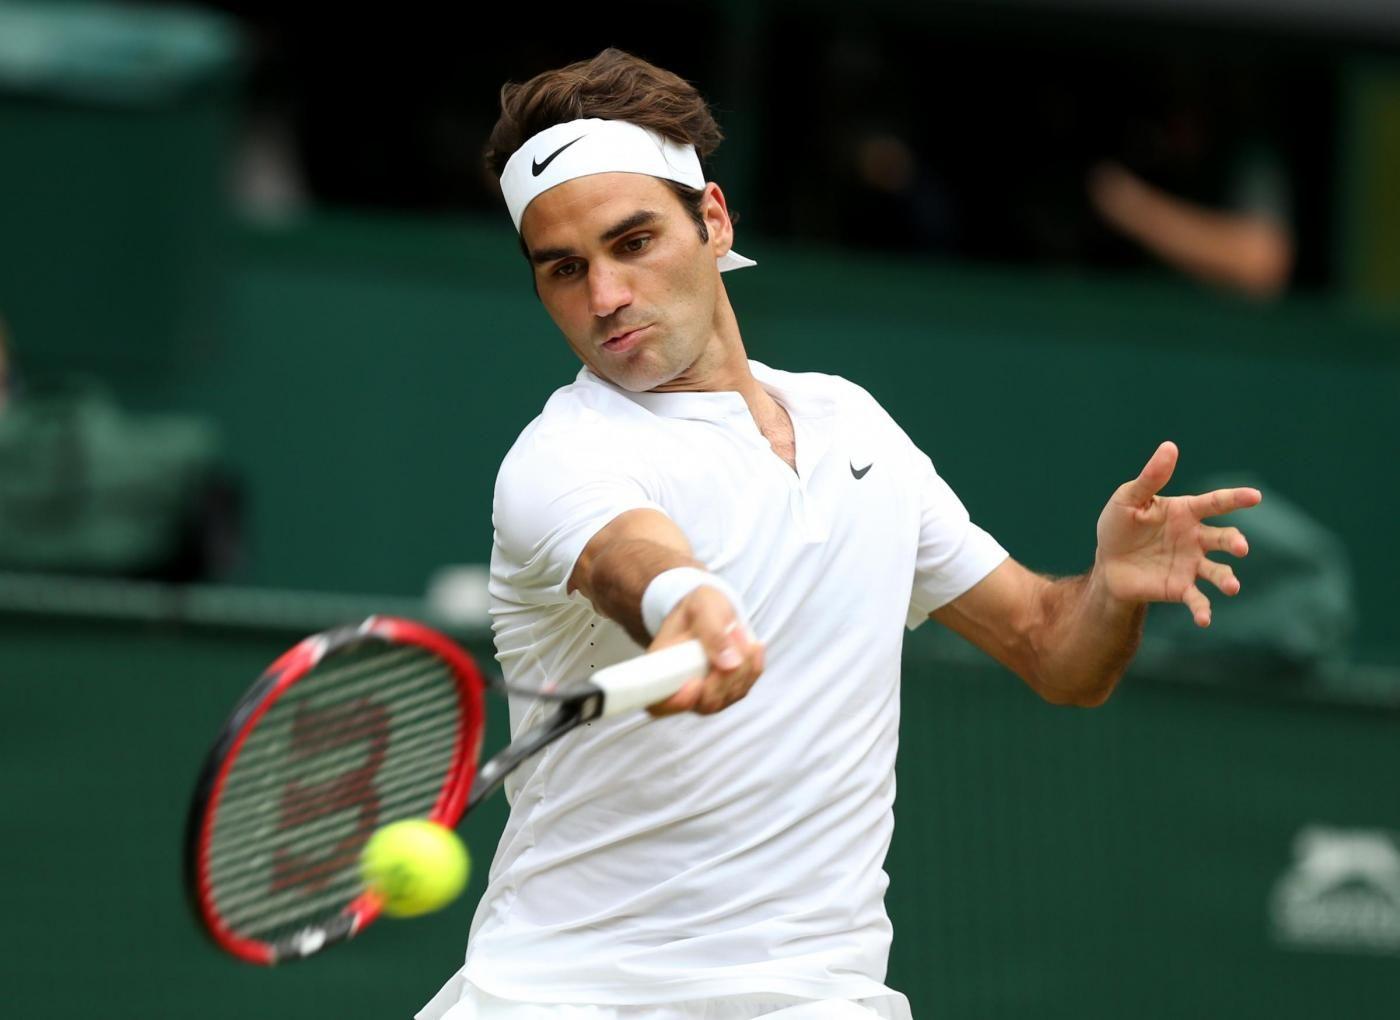 Tennis Internazionali d'Italia 2019: Federer ci sarà!